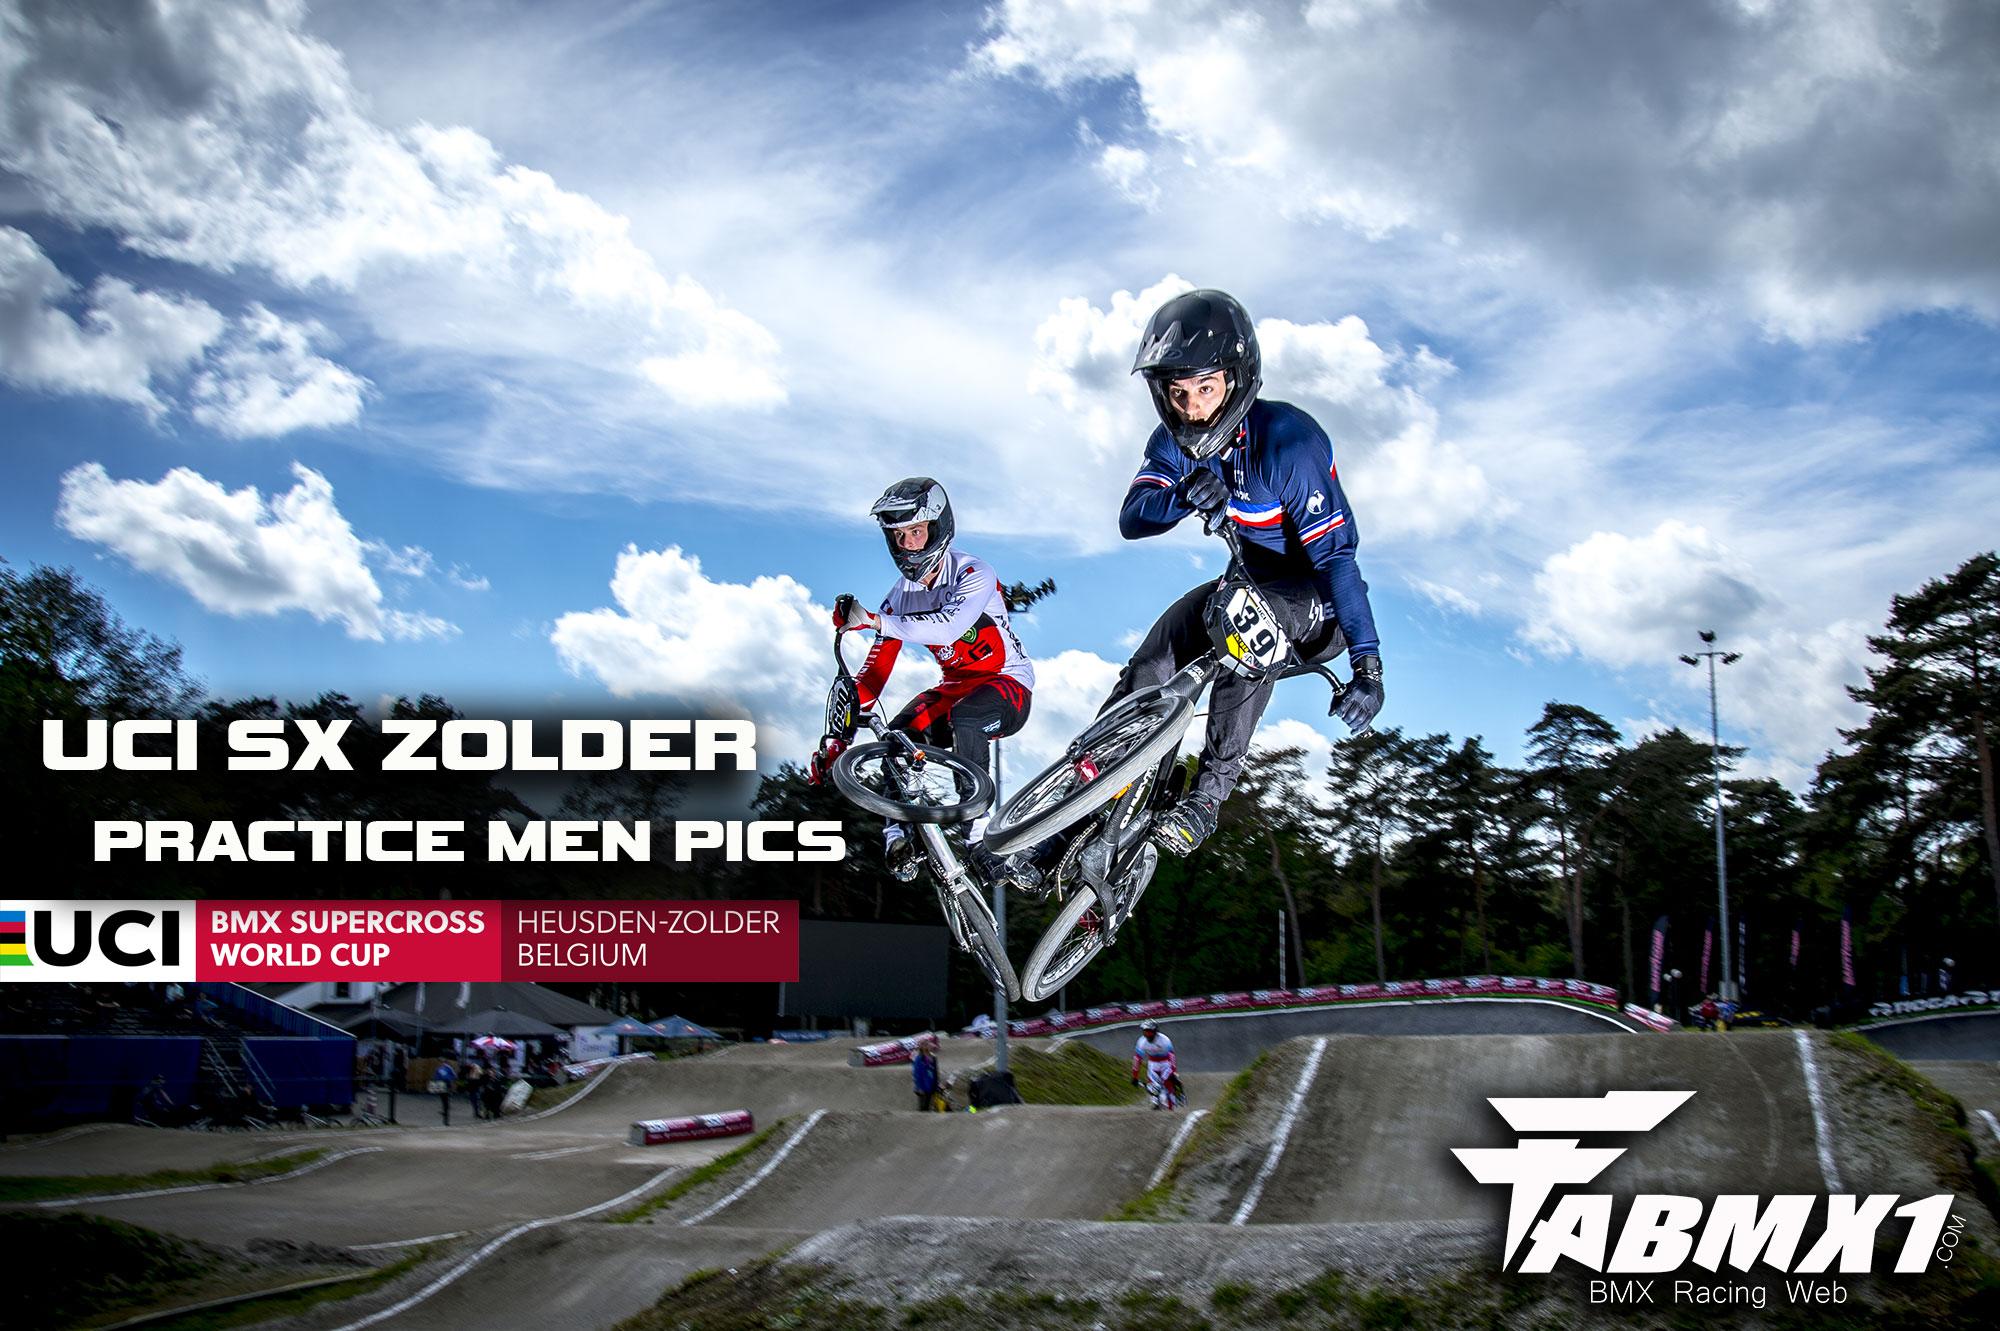 UCI SX ZOLDER Practice Men PICS